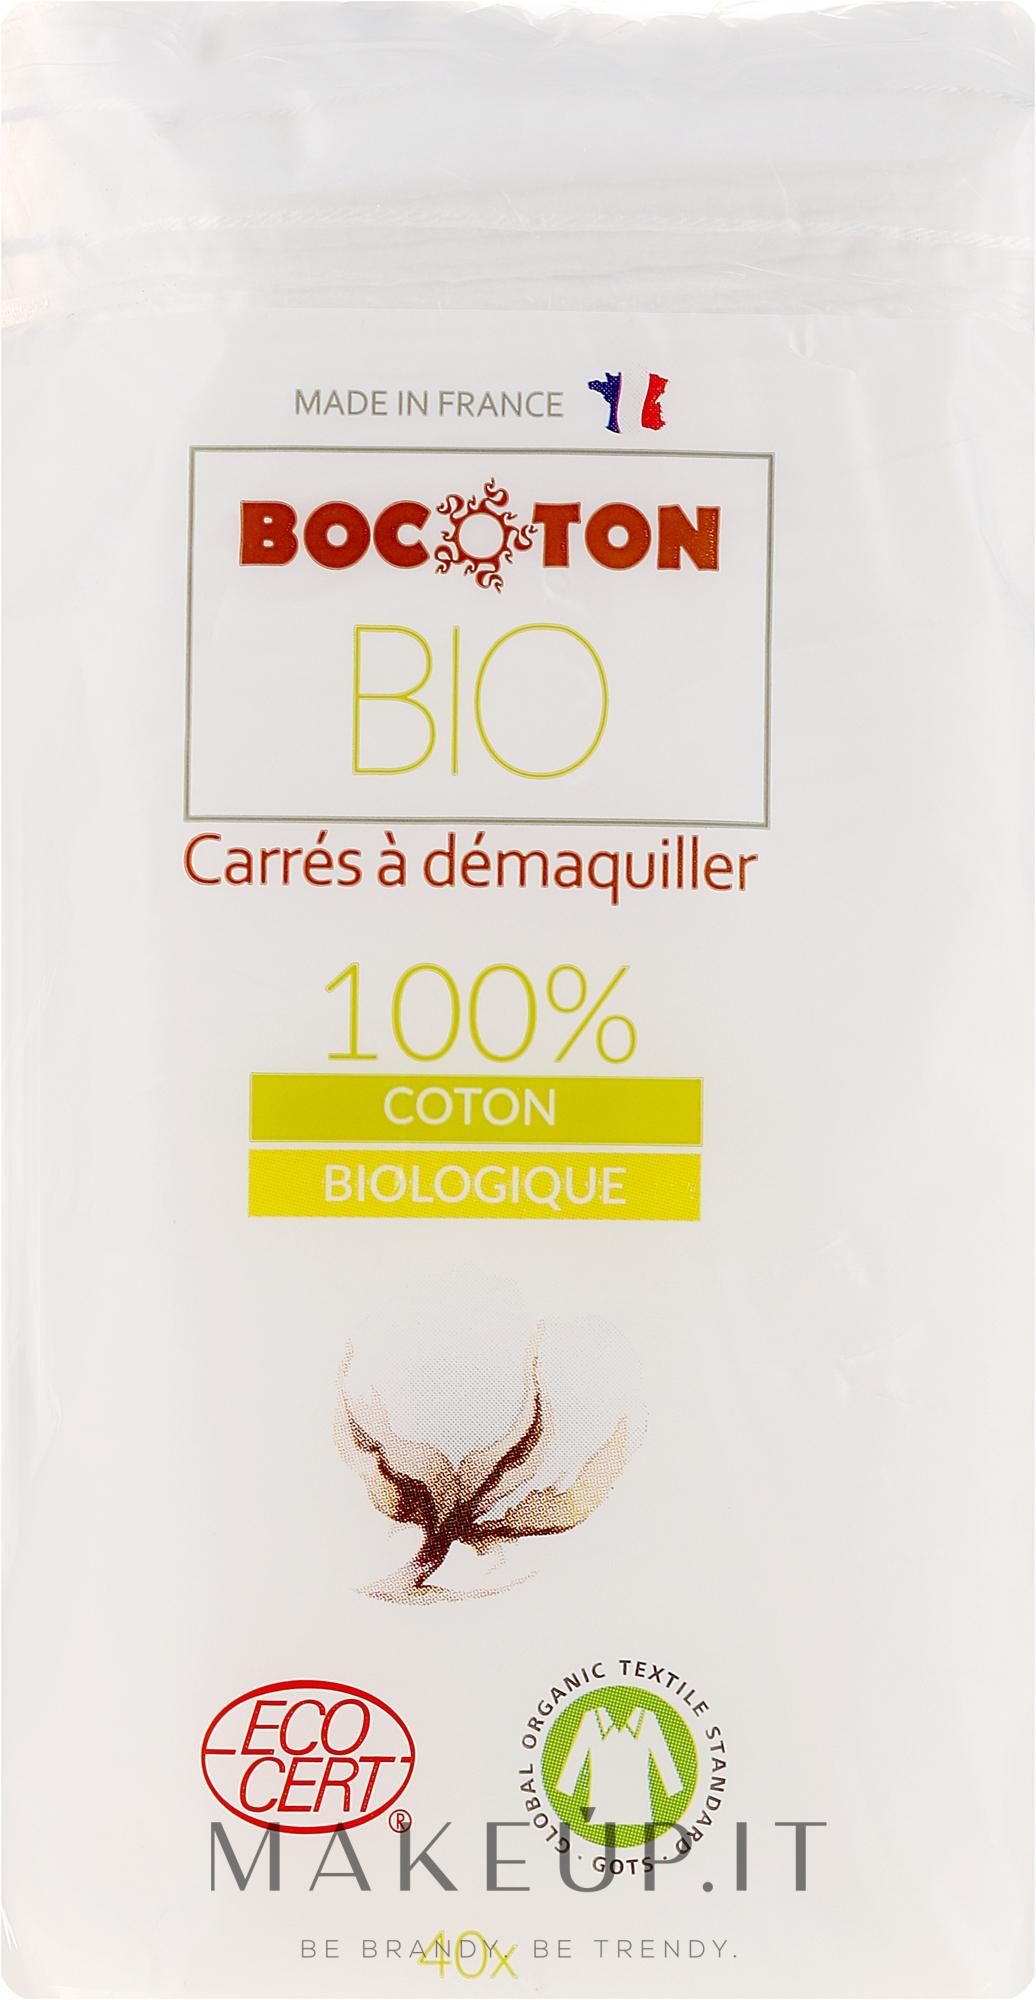 Dischetti di cotone, 75x75 mm, 40 pezzi - Bocoton — foto 40 pz.